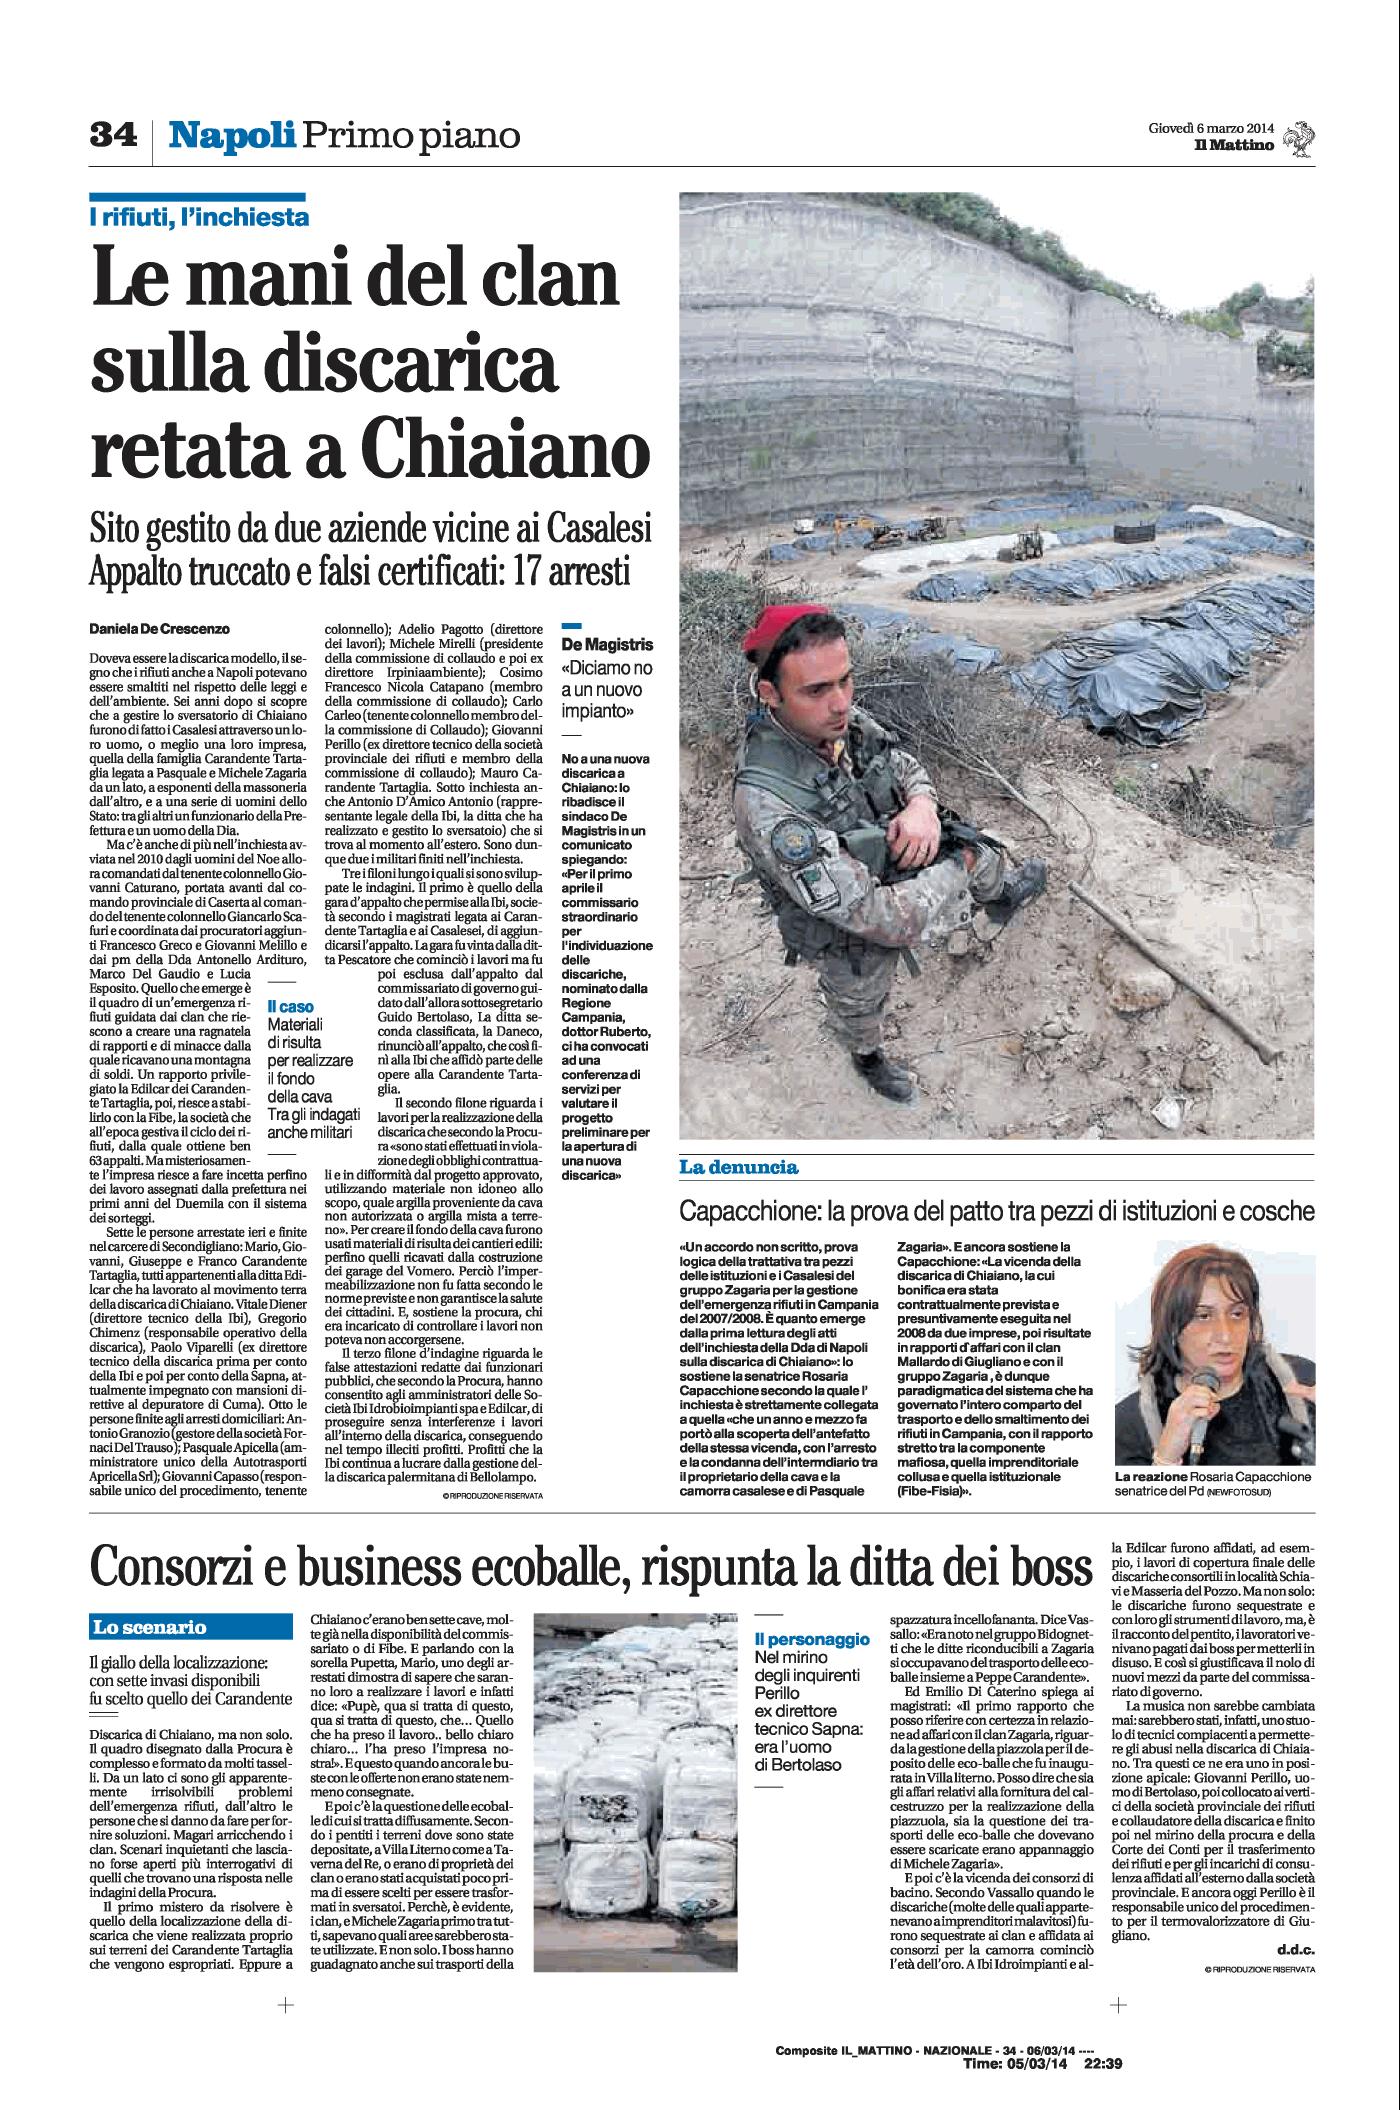 Inchiesta e arresti per la discarica di Chiaiano